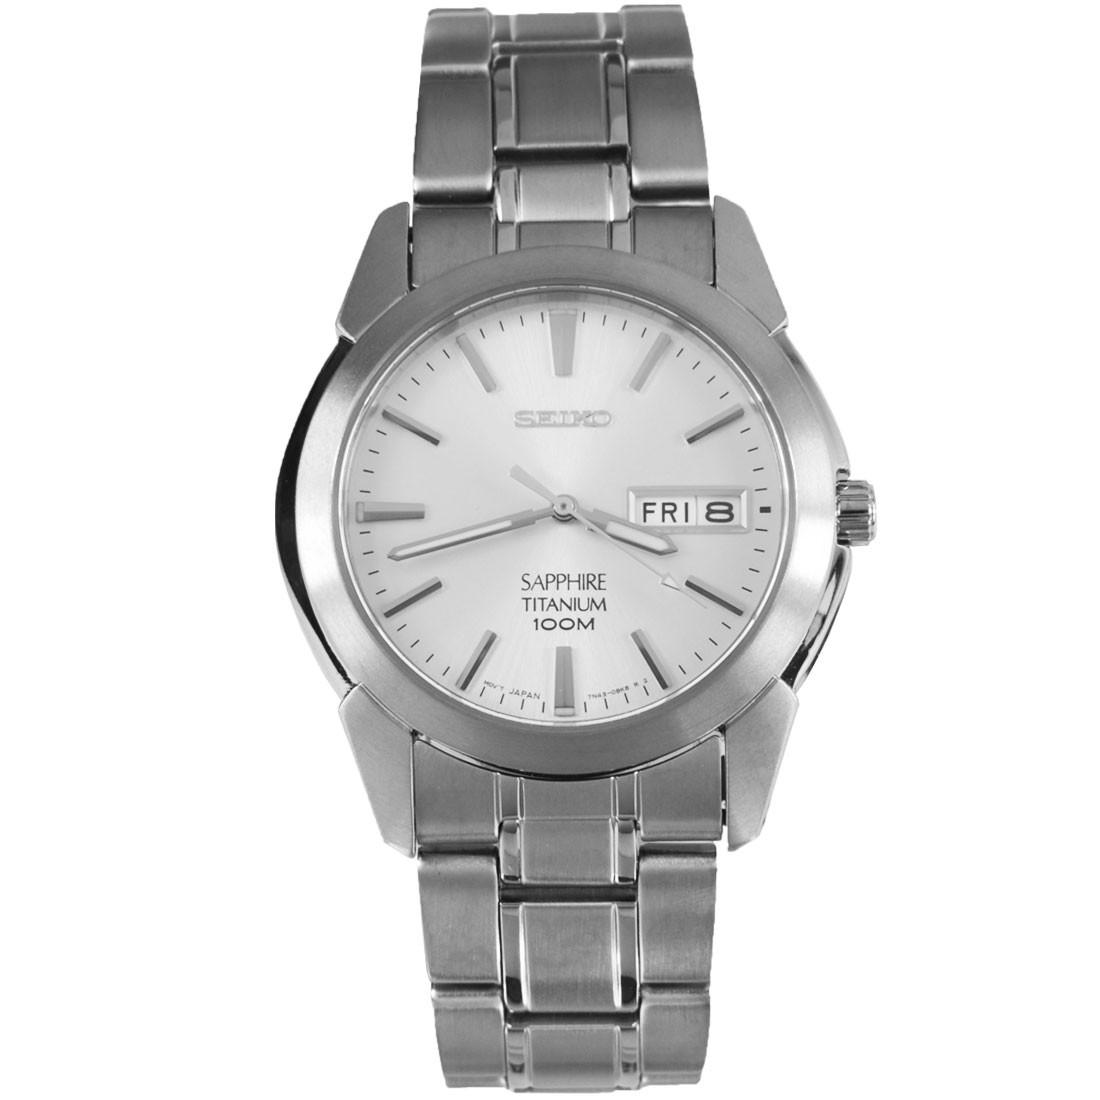 SEIKO รุ่น SGG727P1 Titamium Men's Watch